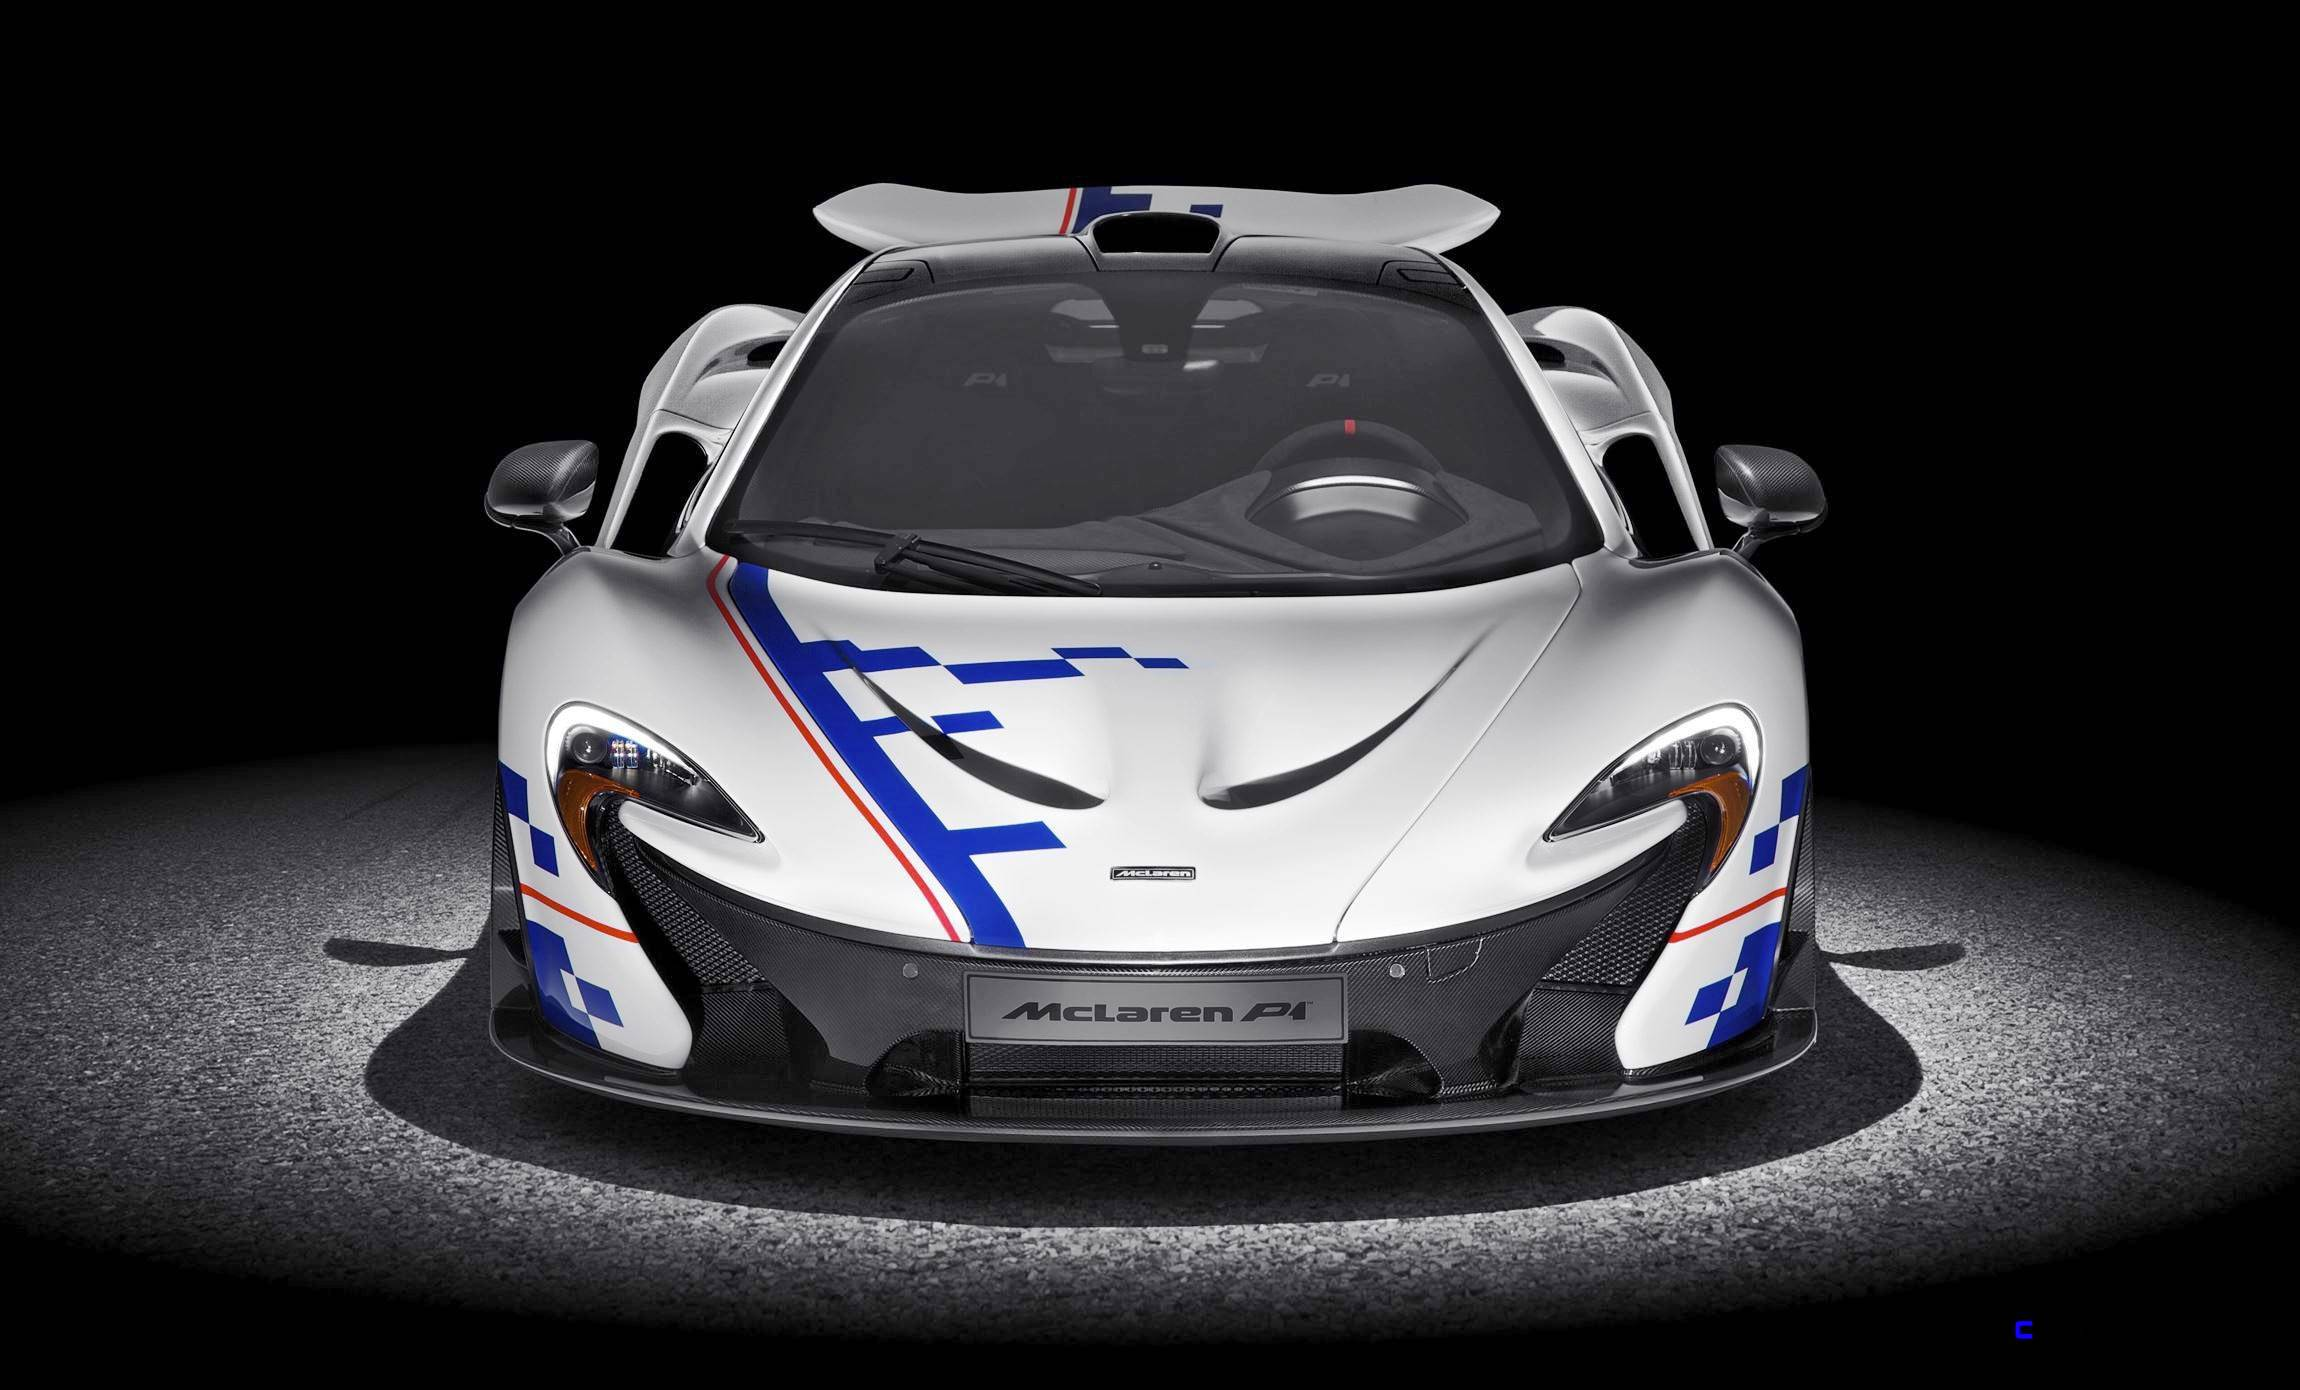 http://www.car-revs-daily.com/wp-content/uploads/2015/06/2015-McLaren-P1-Prost-2.jpg